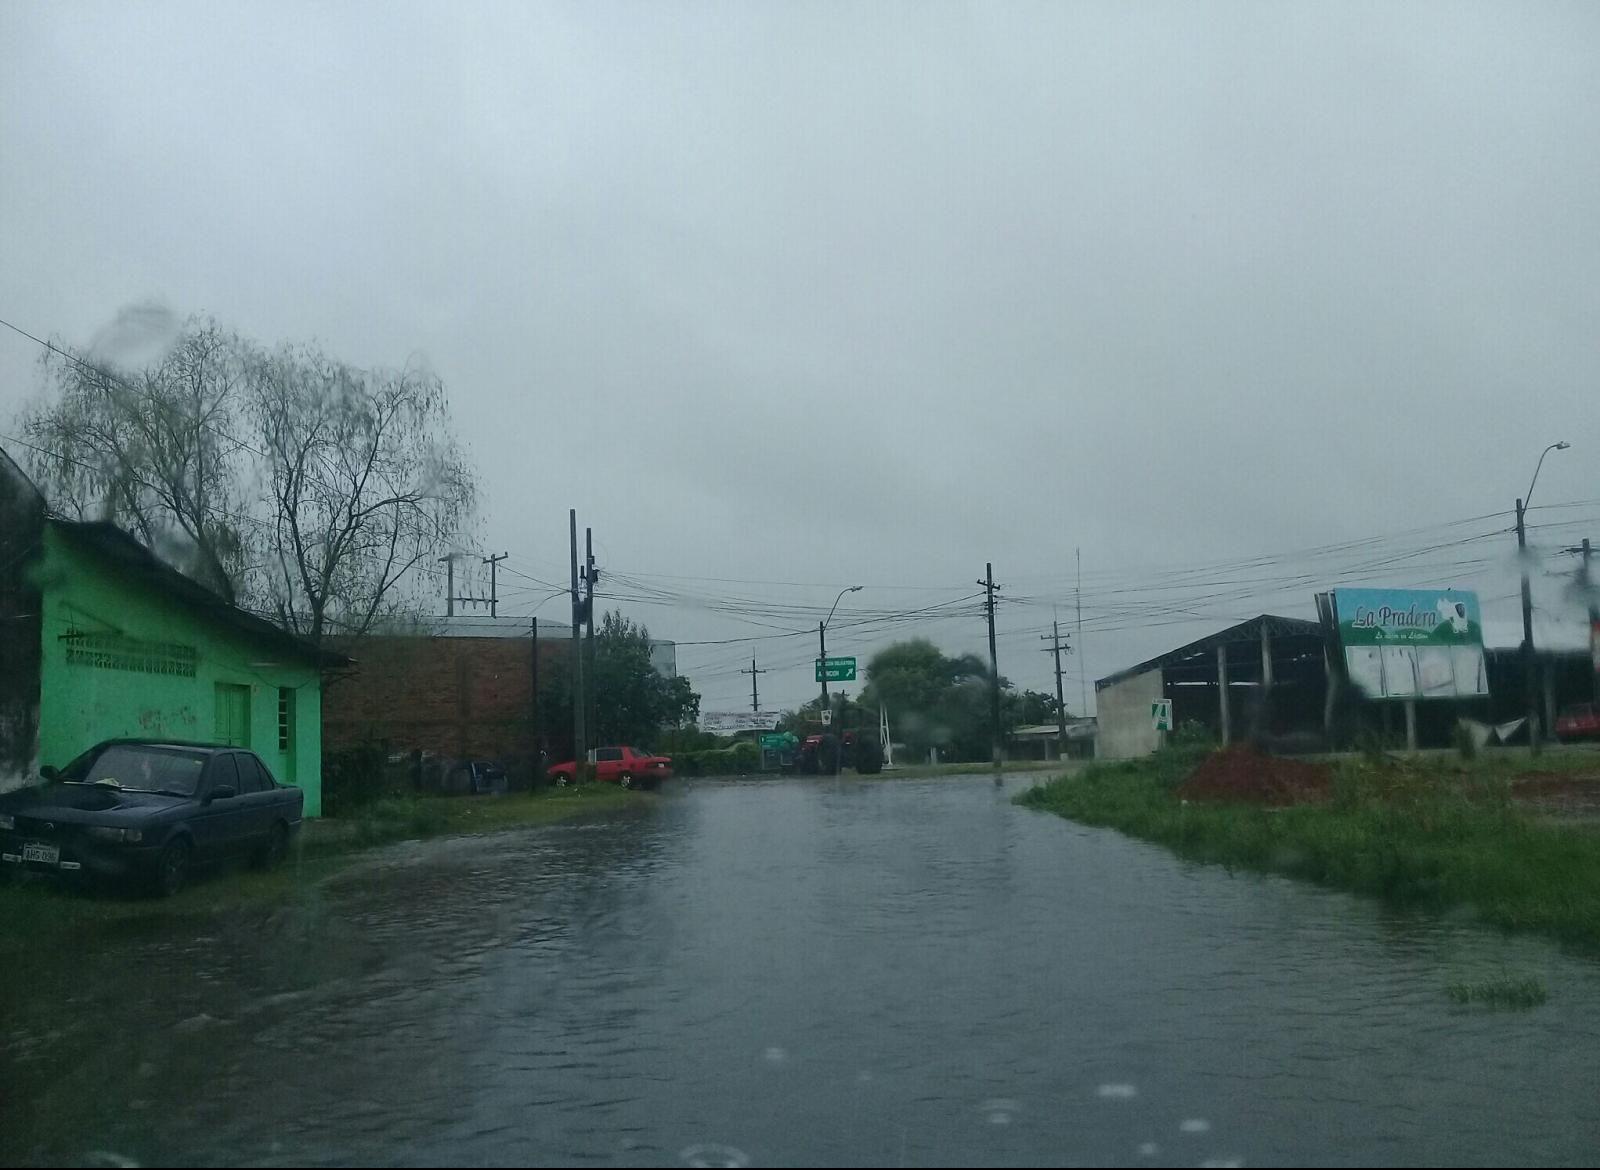 mansa-lluvia-en-el-departamento-de-paraguar-111025000000-1847436.jpg